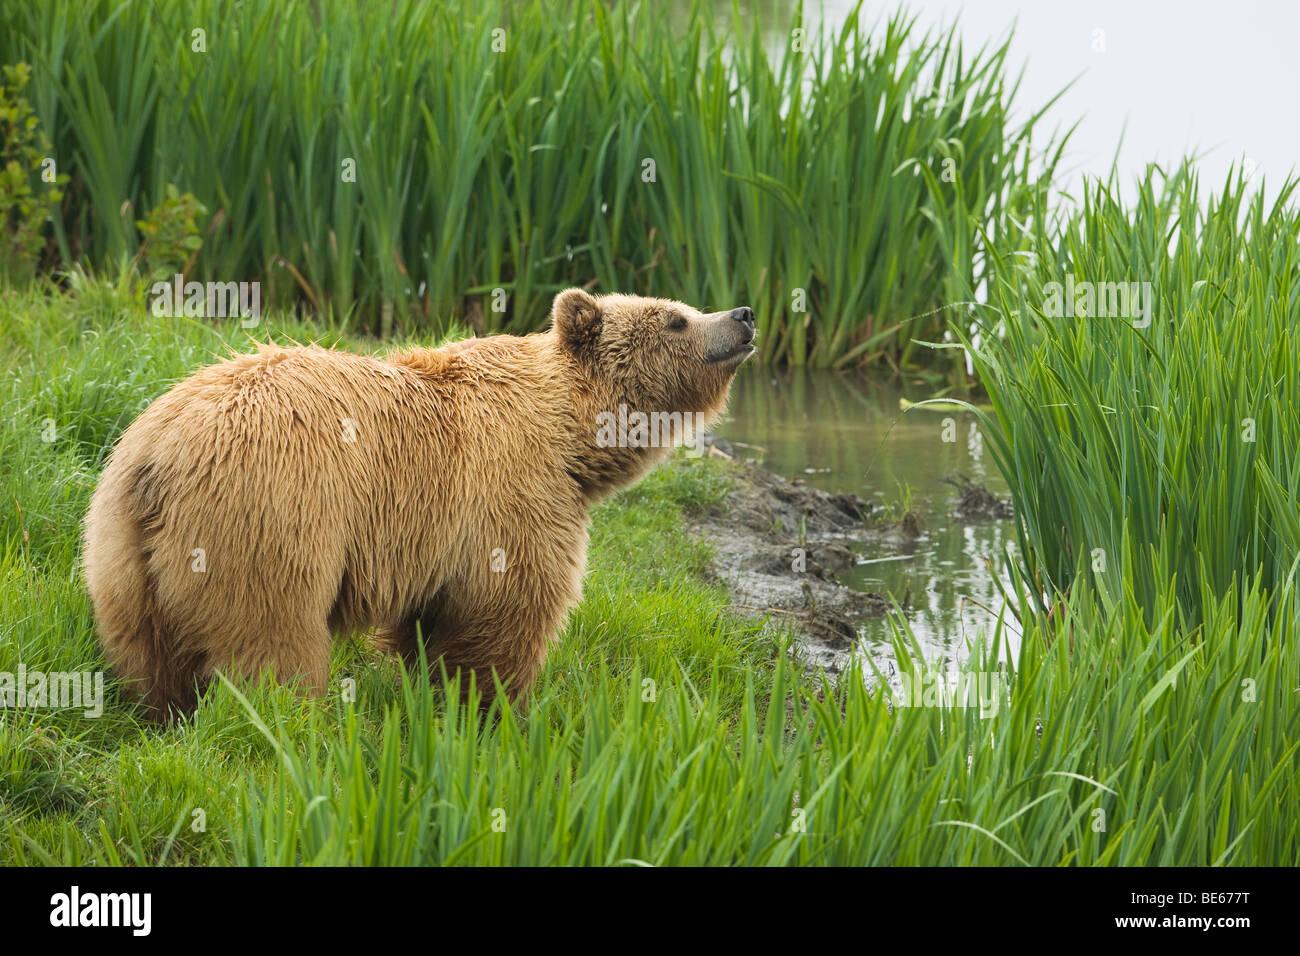 Unione l'orso bruno (Ursus arctos) permanente al bordo delle acque mentre lo sniffing l'aria. Immagini Stock